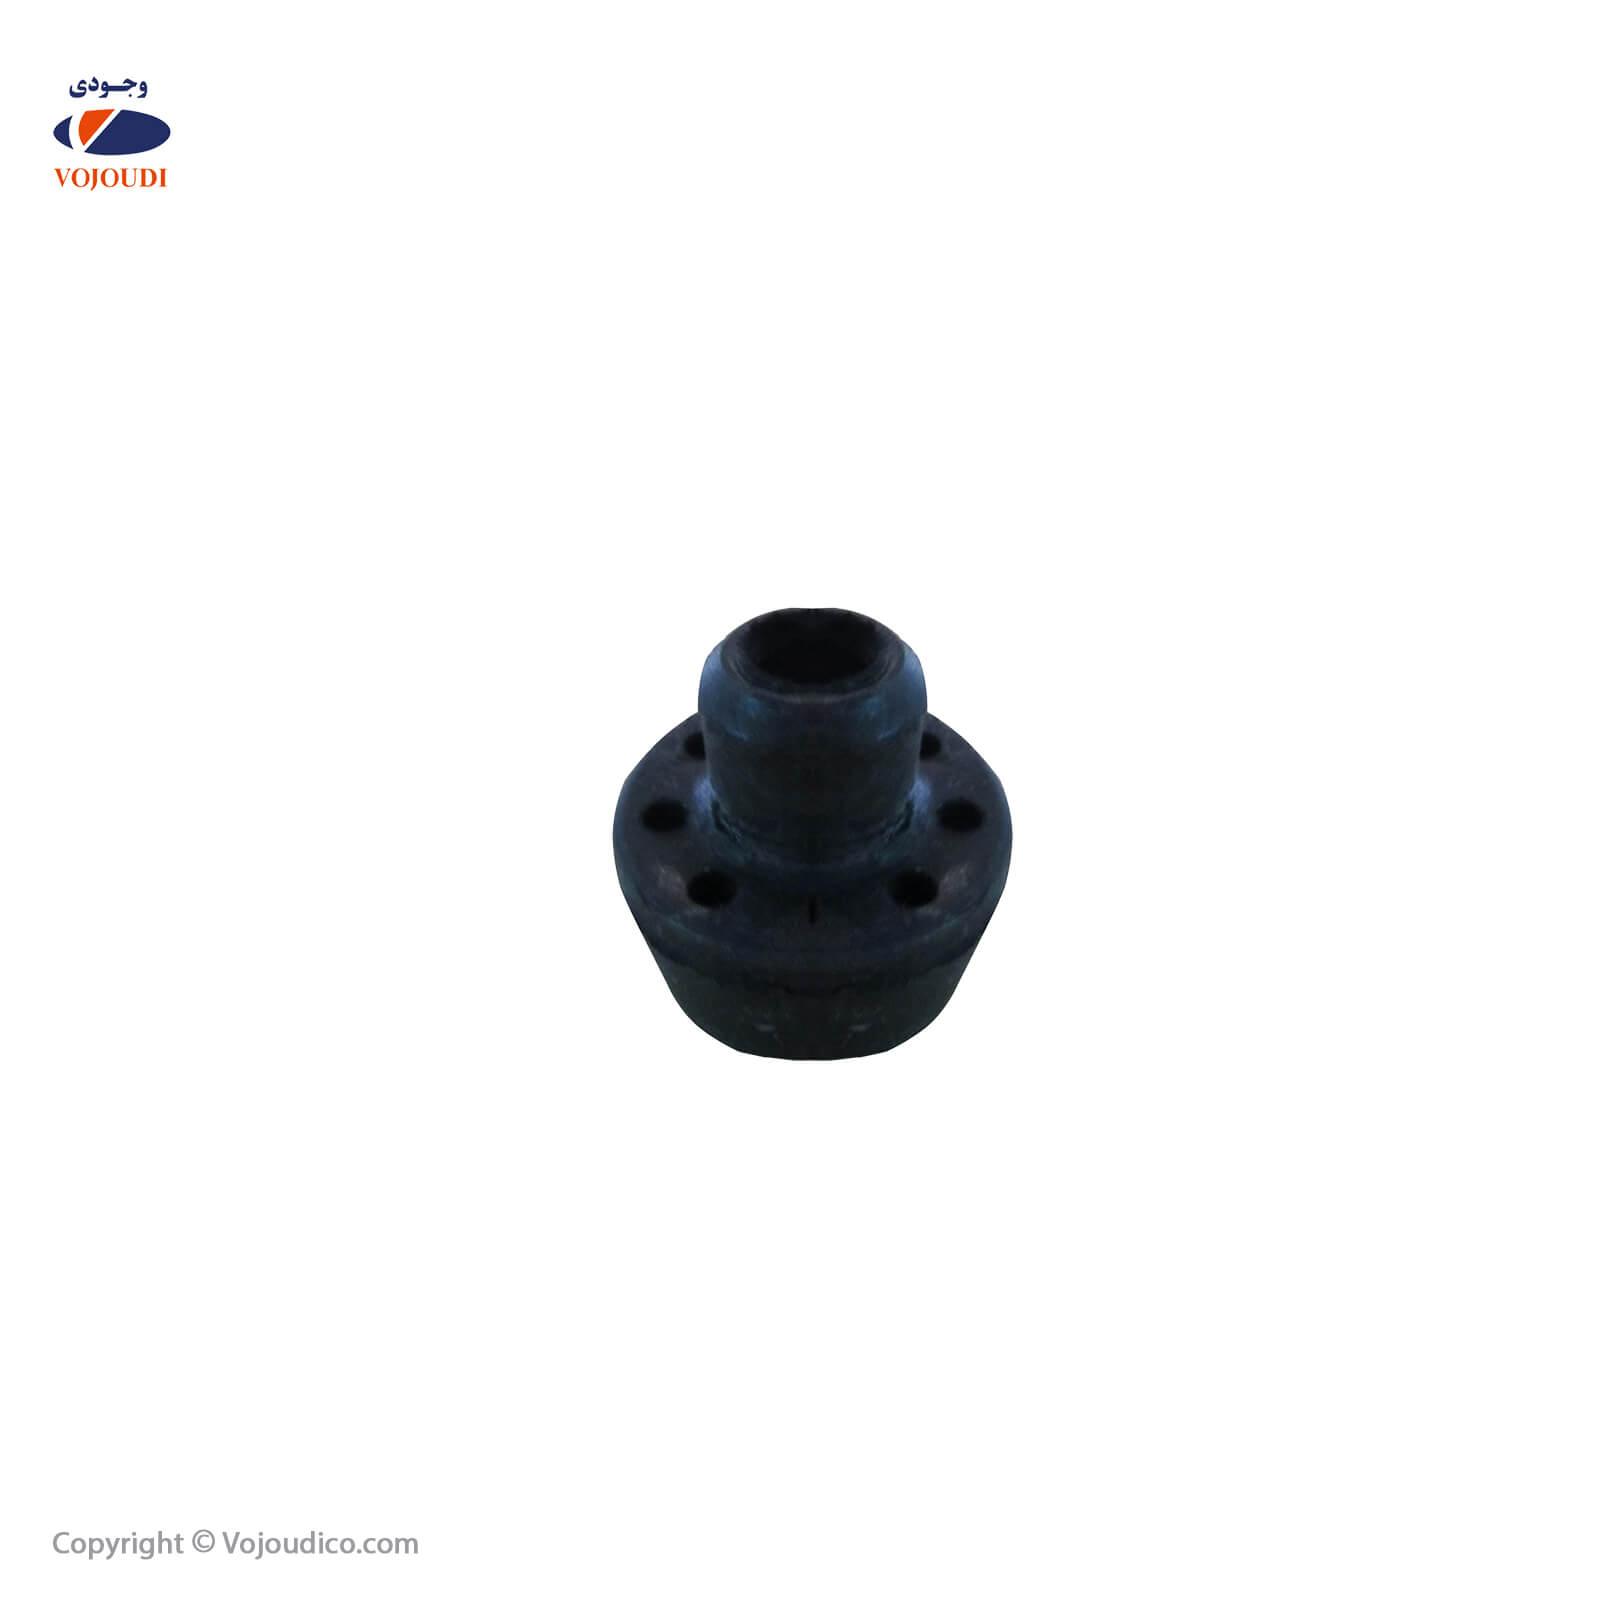 4208 1 - لاستیک ضربگیر زیر رادیاتور وجودی کد 4208 مناسب برای L90 ، تعداد بسته : 50 عدد